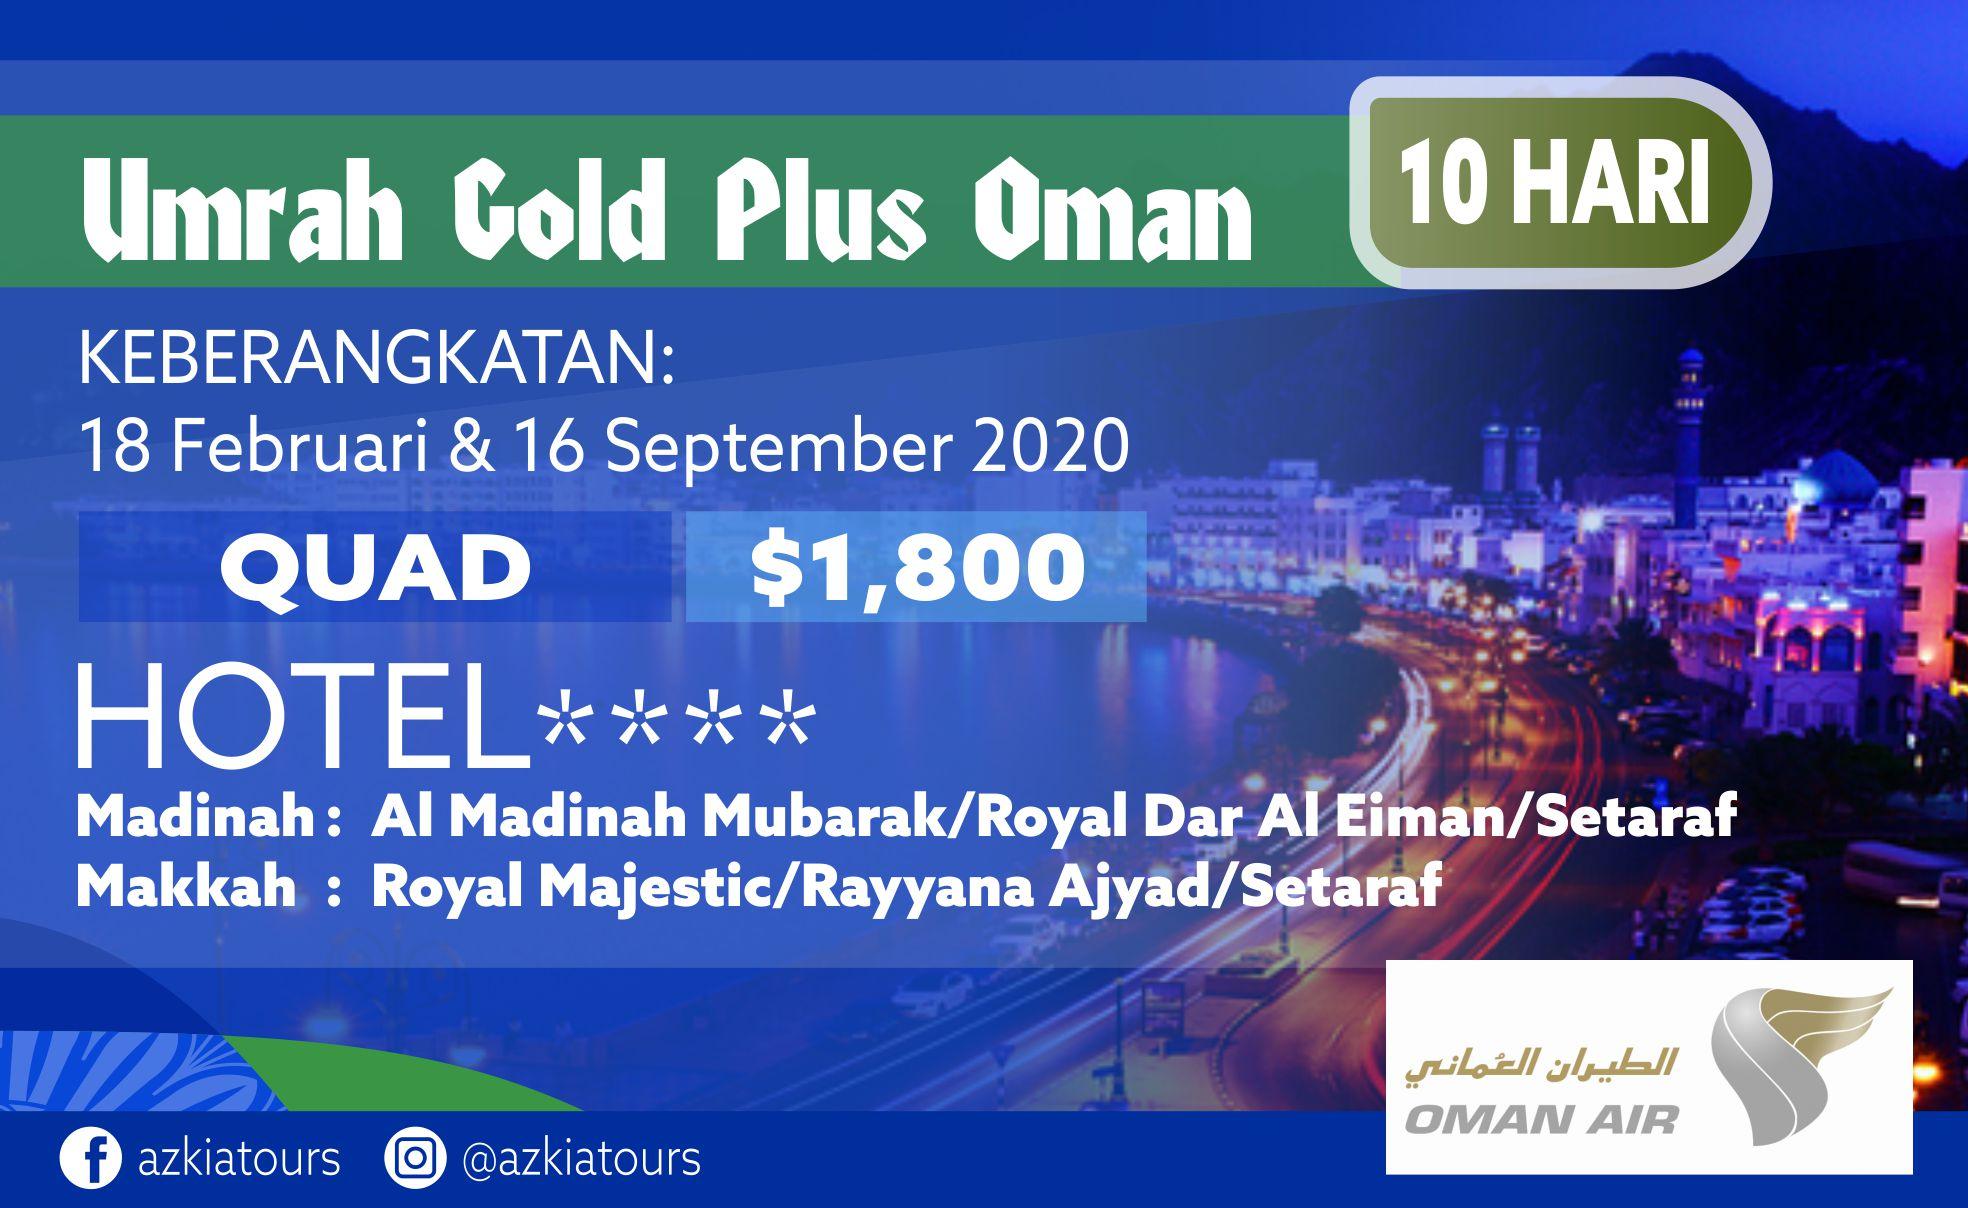 Umrah Gold Plus Oman